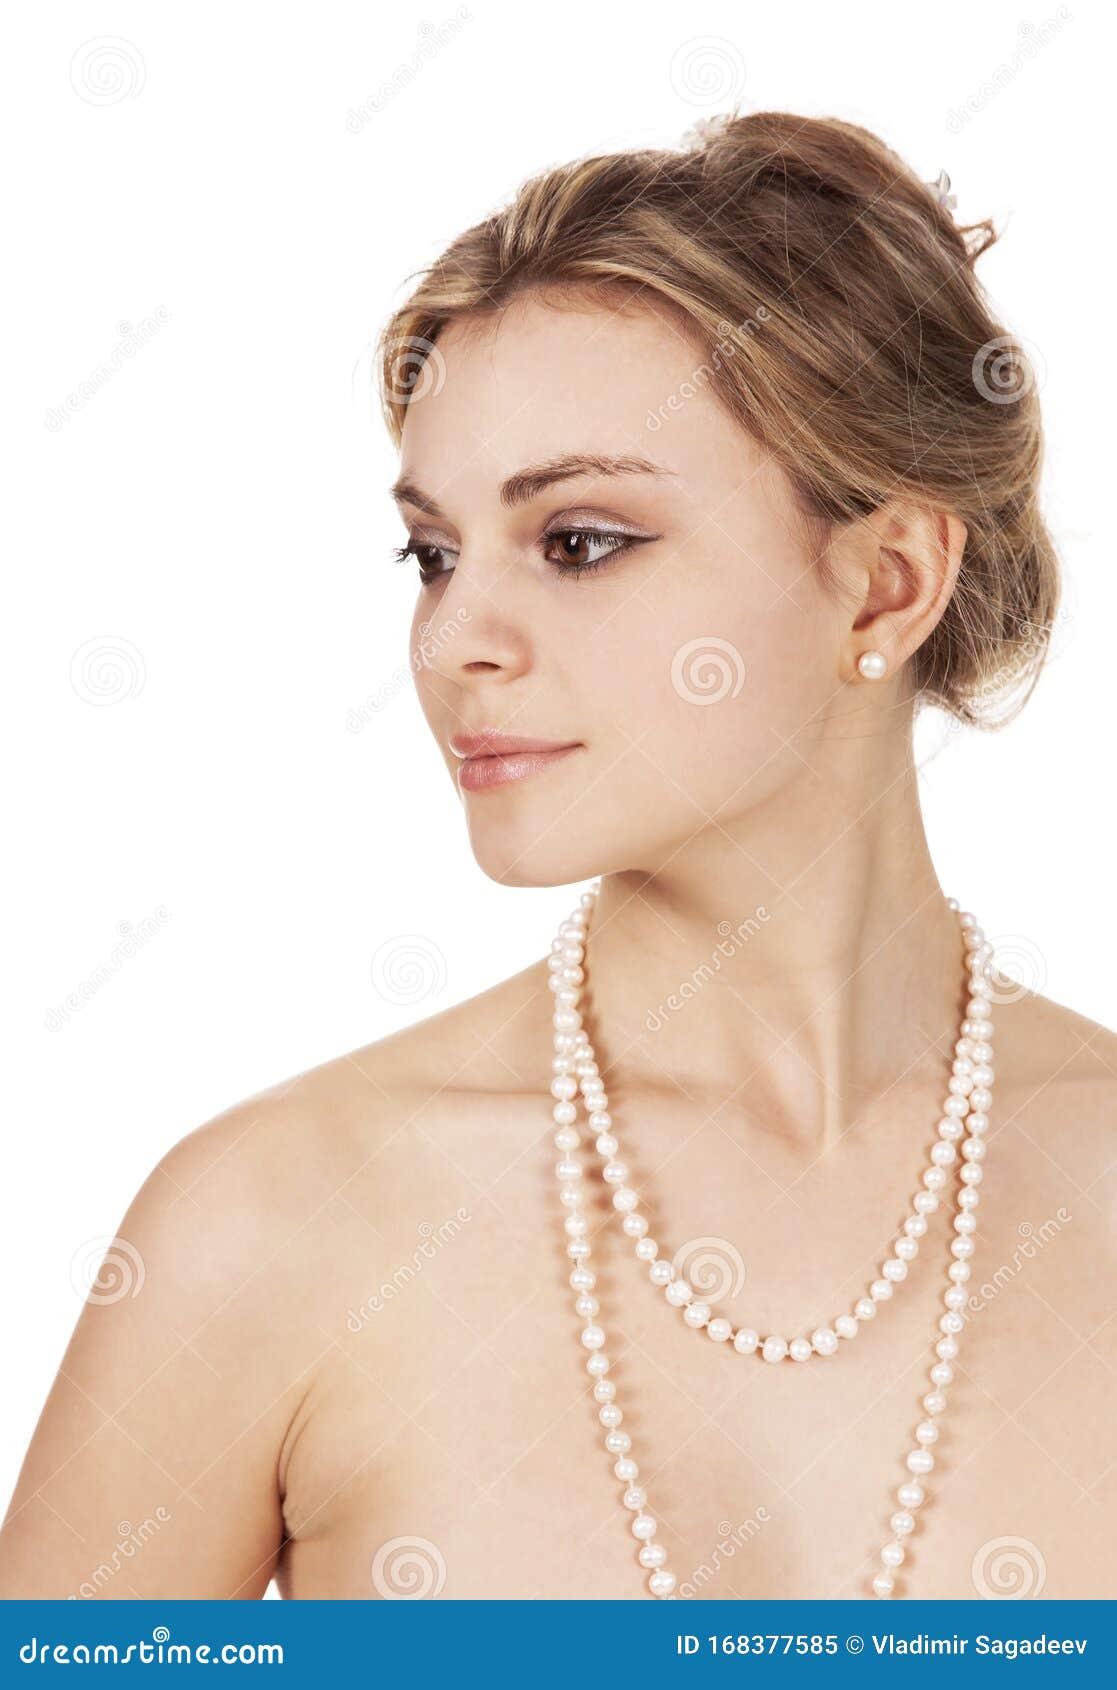 Ritratto Di Una Bella Giovane Donna Nuda, Sorridente Con ...